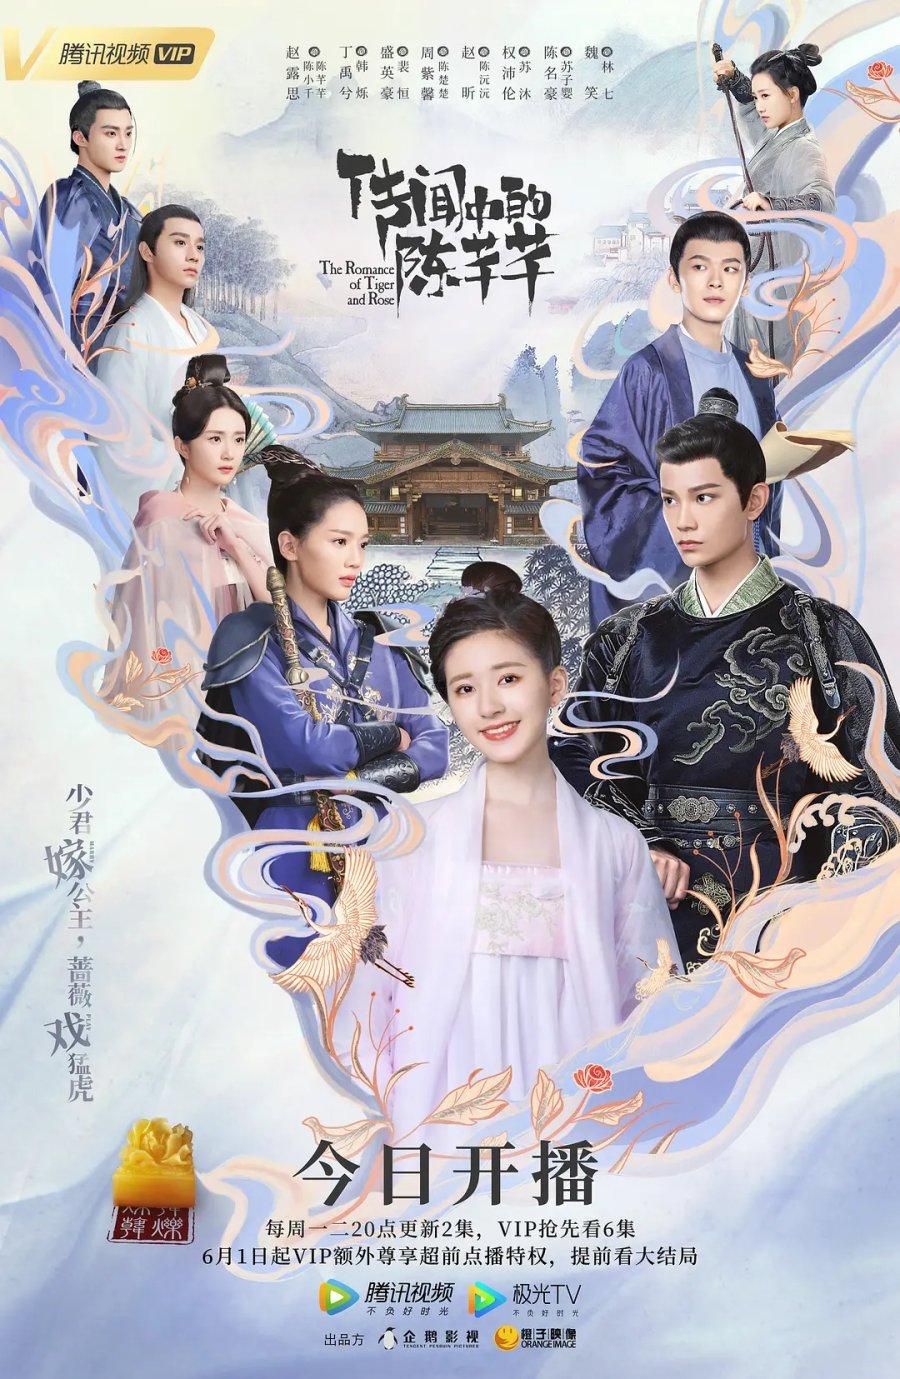 Phim xuyên không Trung Quốc hay nhất: Trần Thiên Thiên trong lời đồn